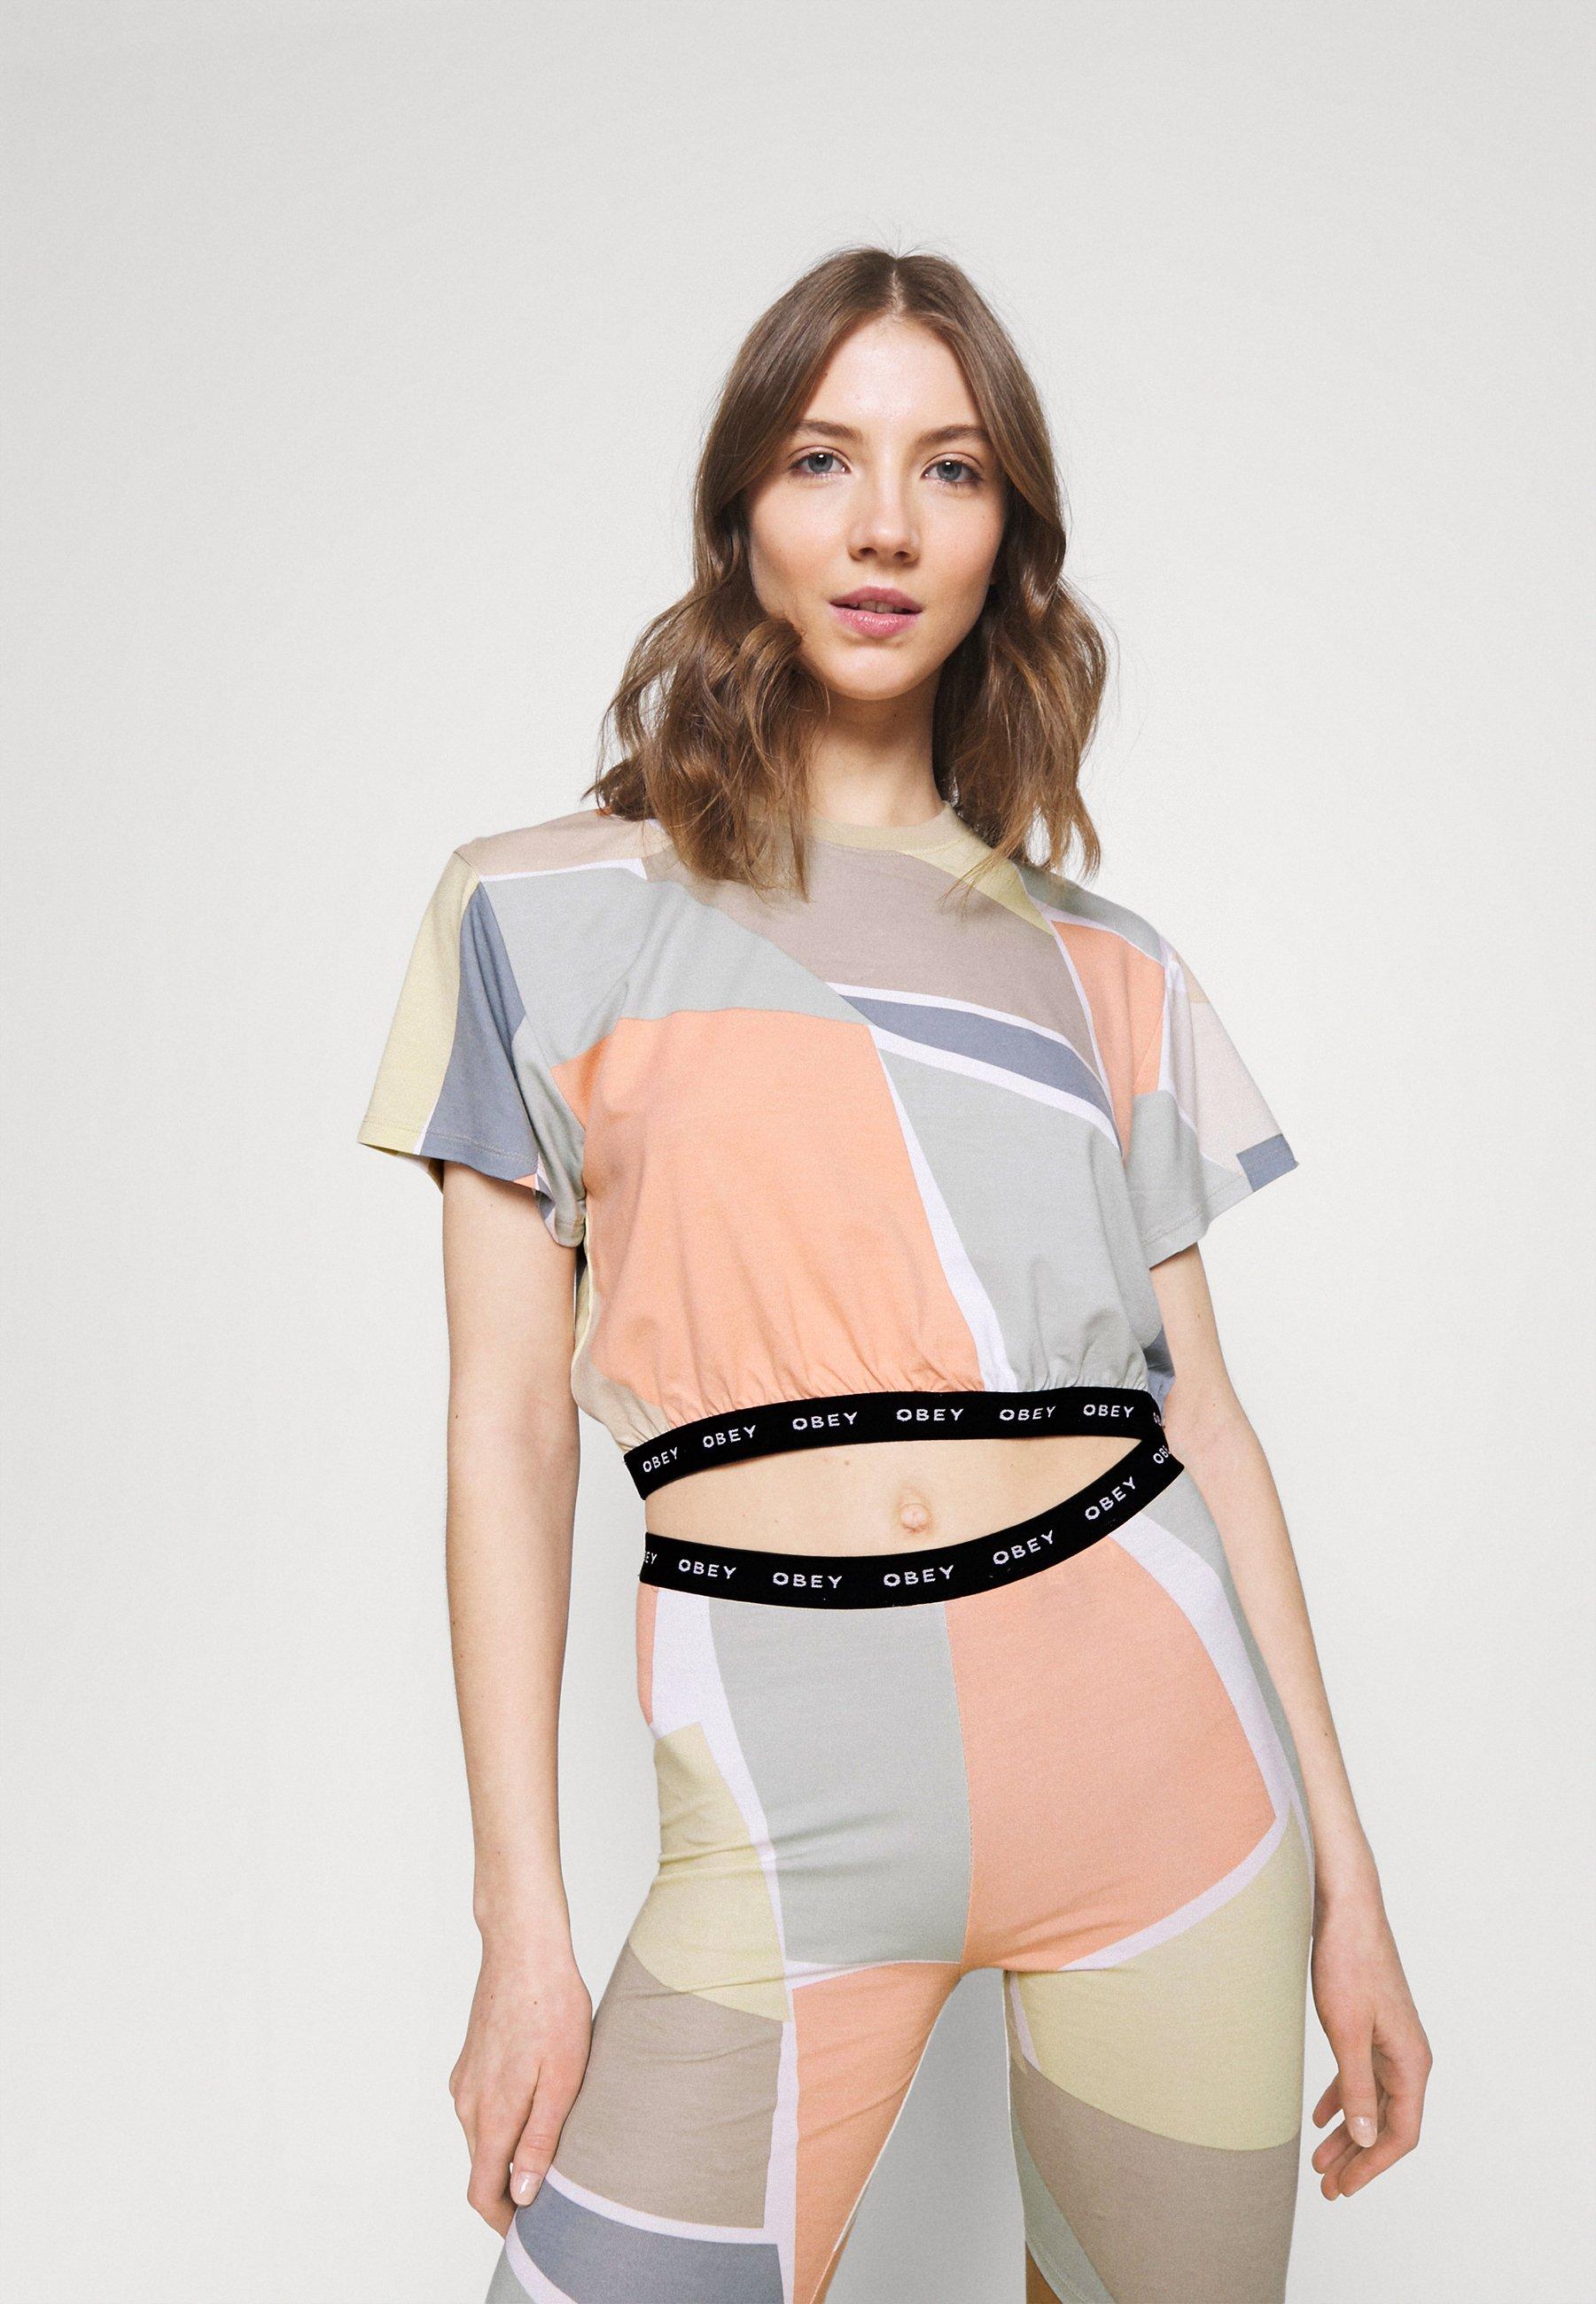 Women GLEN ASPEN TOP - Print T-shirt